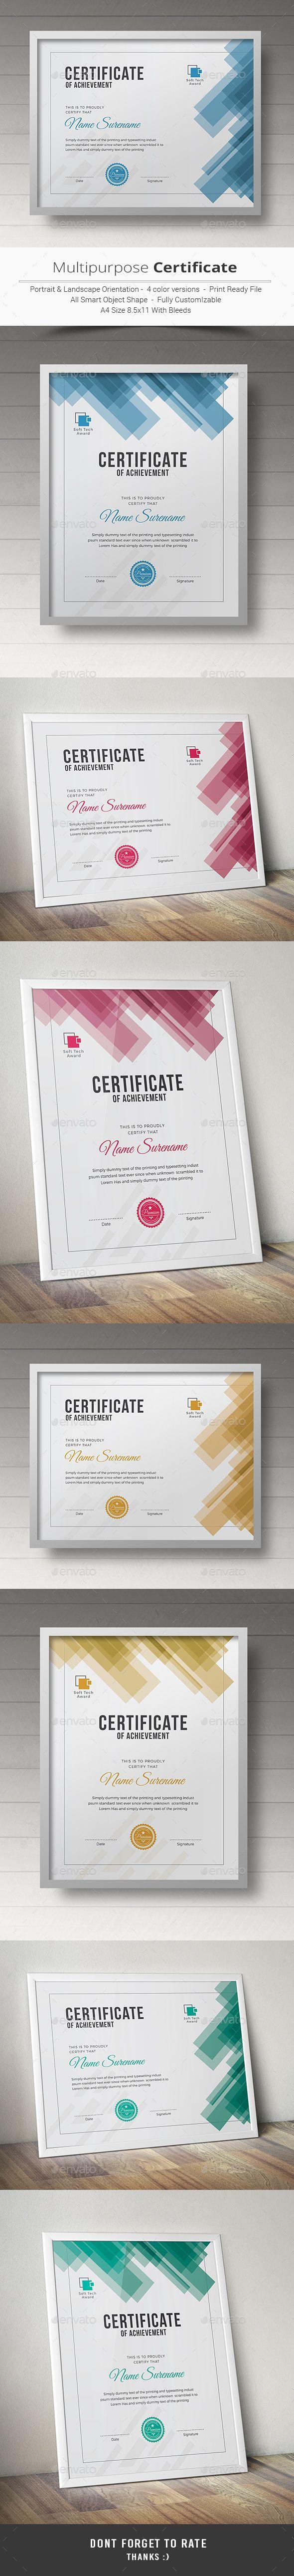 Certificate | Gaube und Urkunde